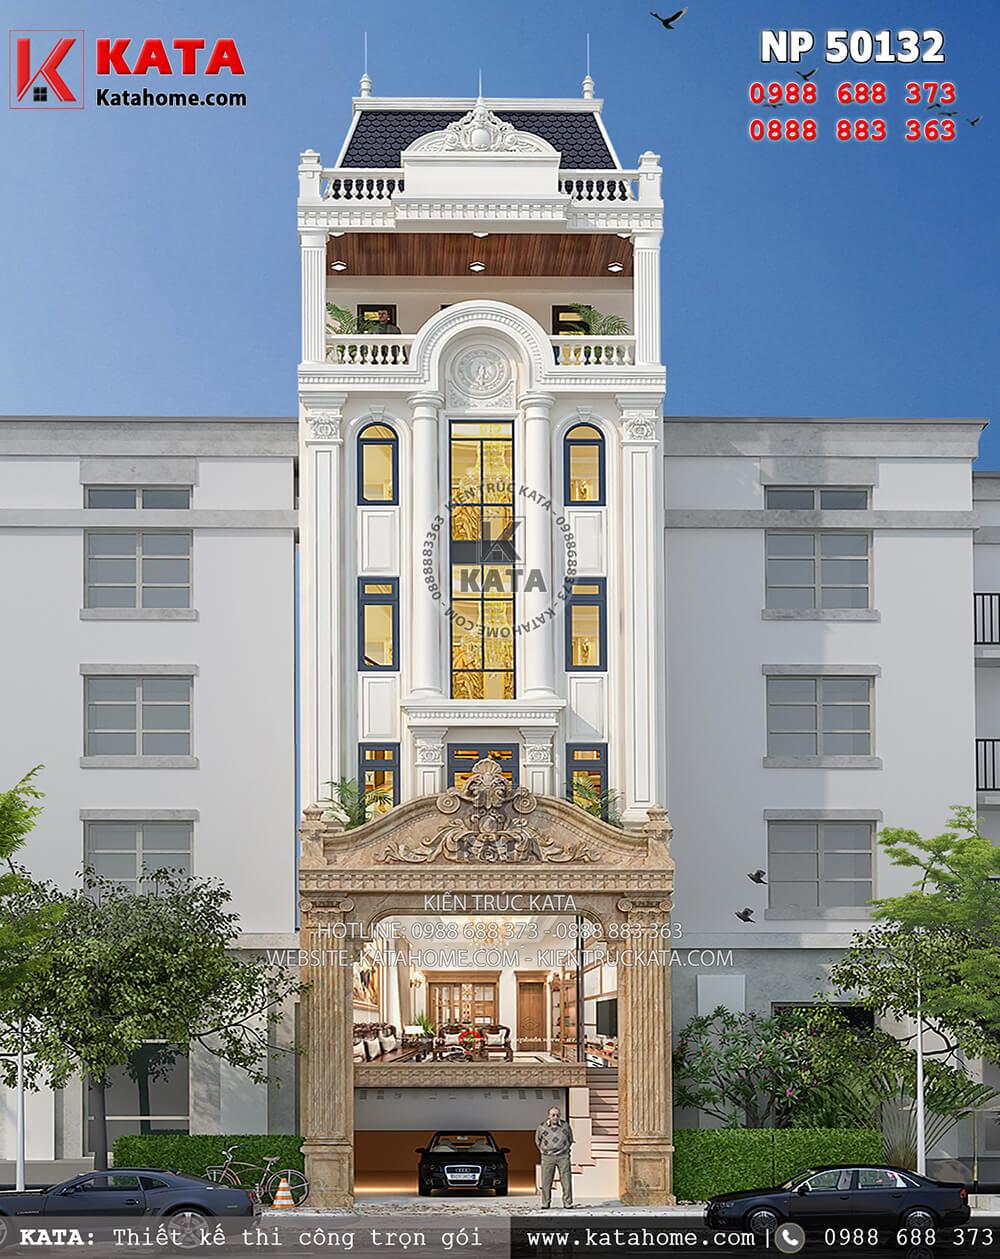 Mặt tiền của mẫu thiết kế khách sạn 2 sao kiến trúc tân cổ điển tại Nha Trang